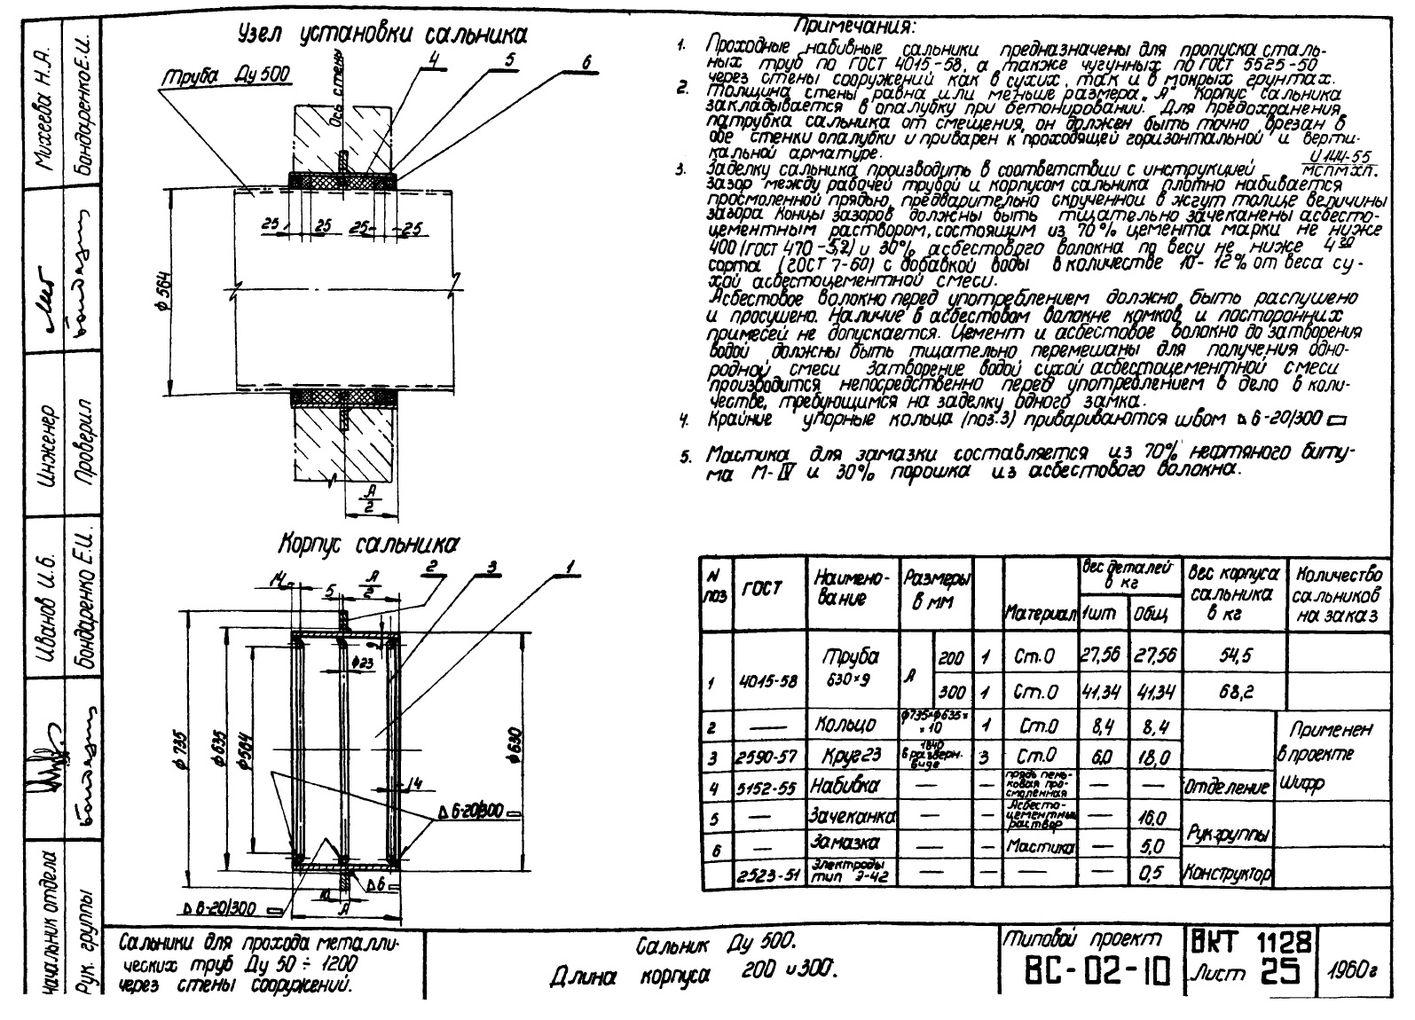 Сальники набивные L = 300 мм типовой проект ВС-02-10 стр.12